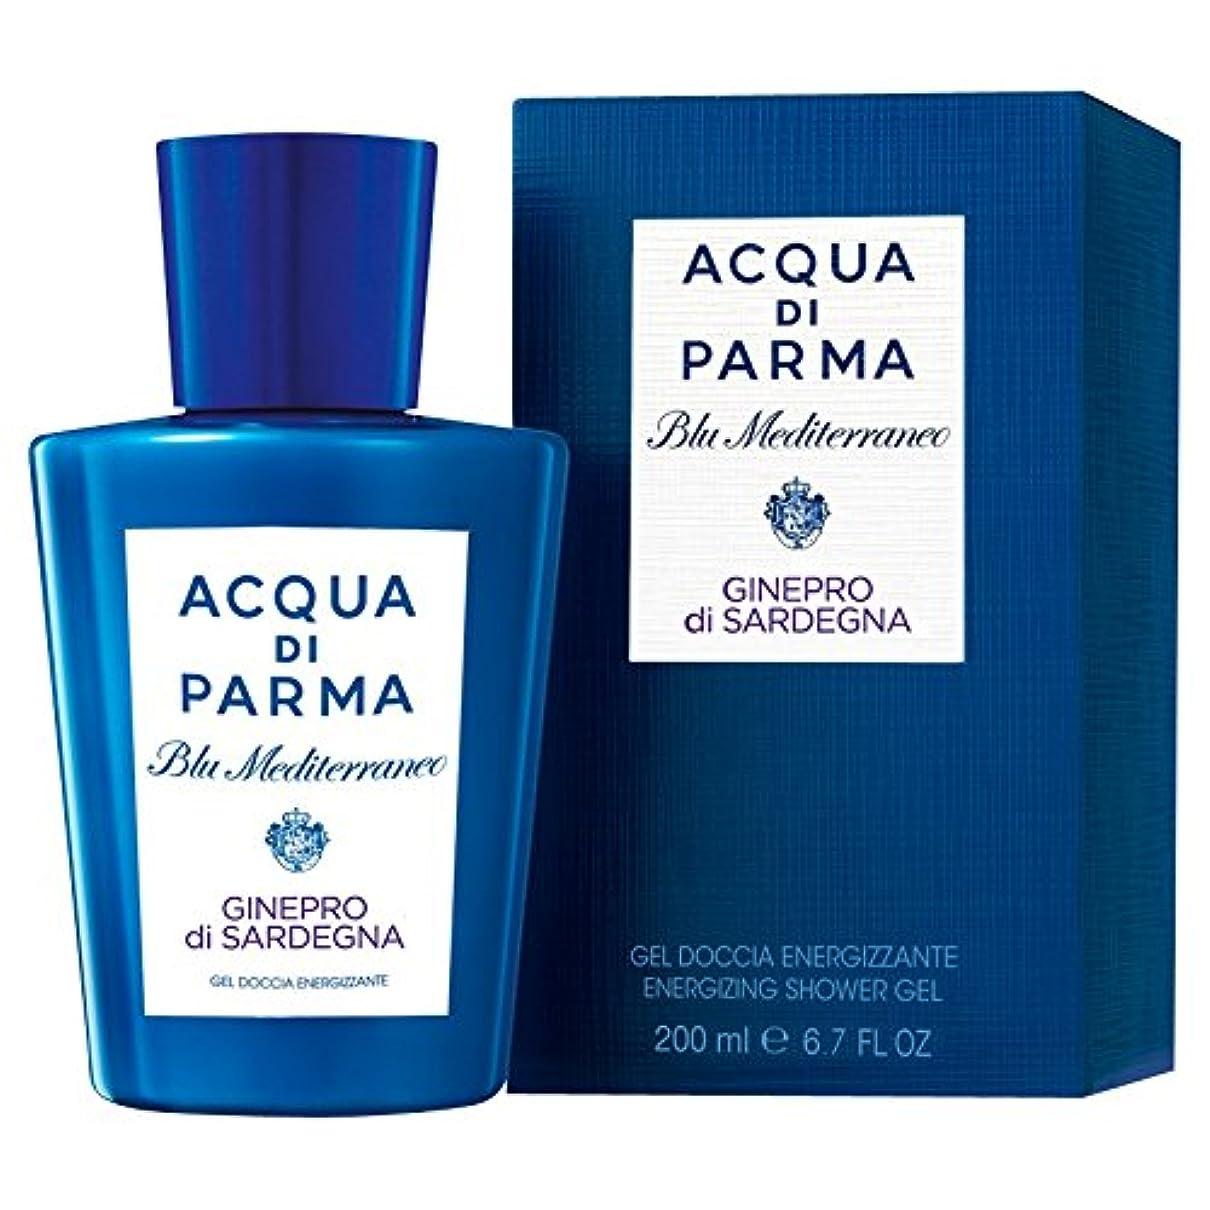 量で主人露骨なアクア?ディ?パルマブルーメディGineproのディサルデーニャシャワージェル200ミリリットル (Acqua di Parma) - Acqua di Parma Blu Mediterraneo Ginepro Di Sardegna Shower Gel 200ml [並行輸入品]